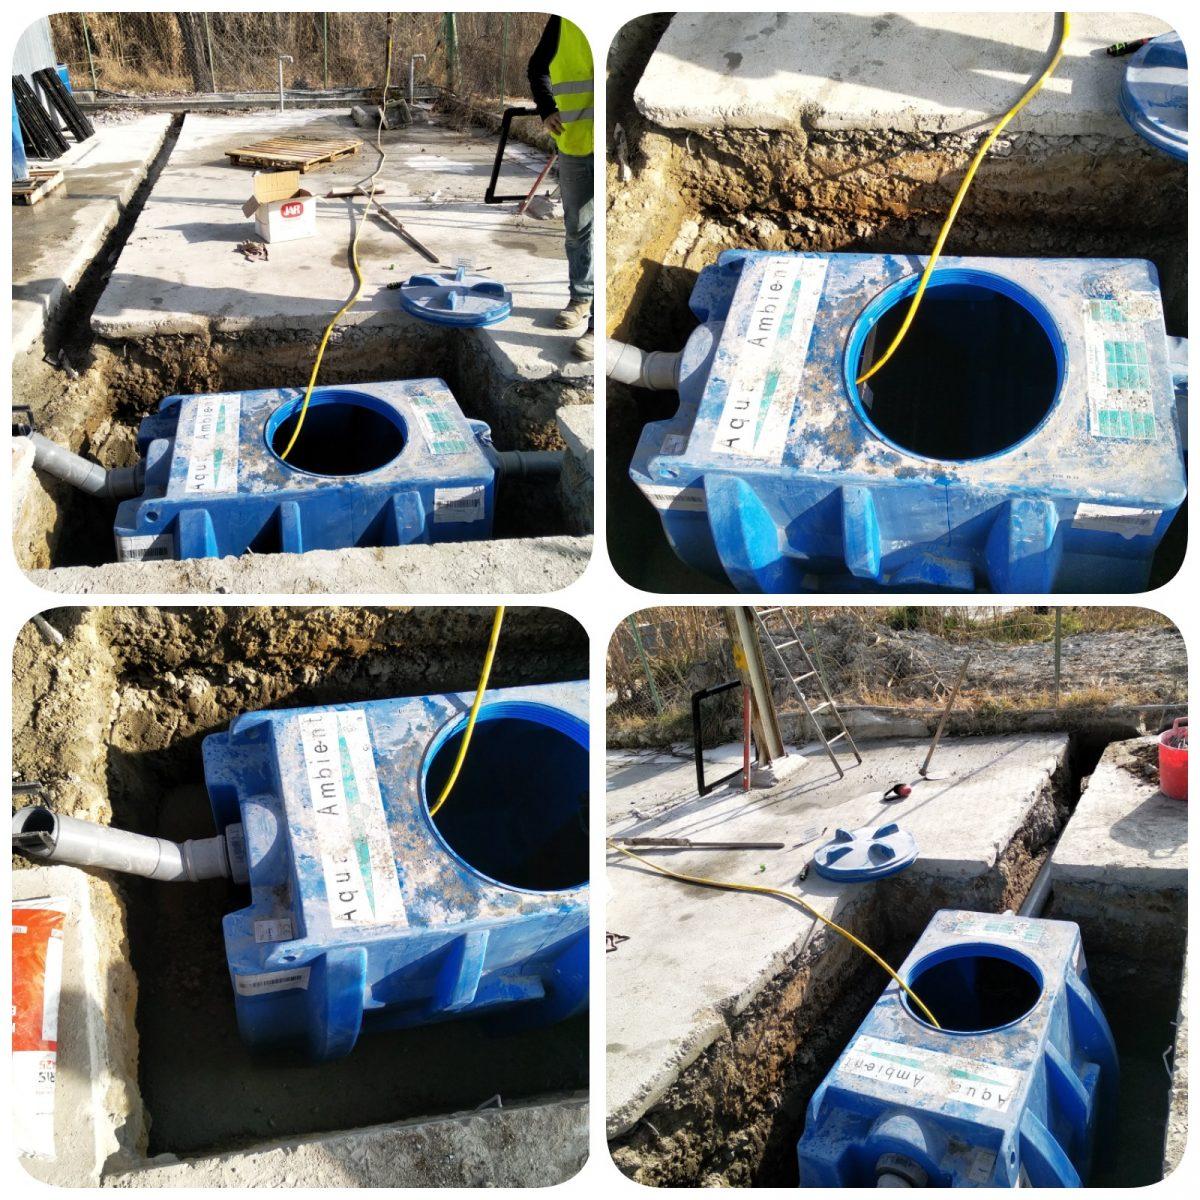 Instalación de Separador de  Hidrocarburos Aqua Ambient para la zona de auto repostaje de una fábrica de hormigón.